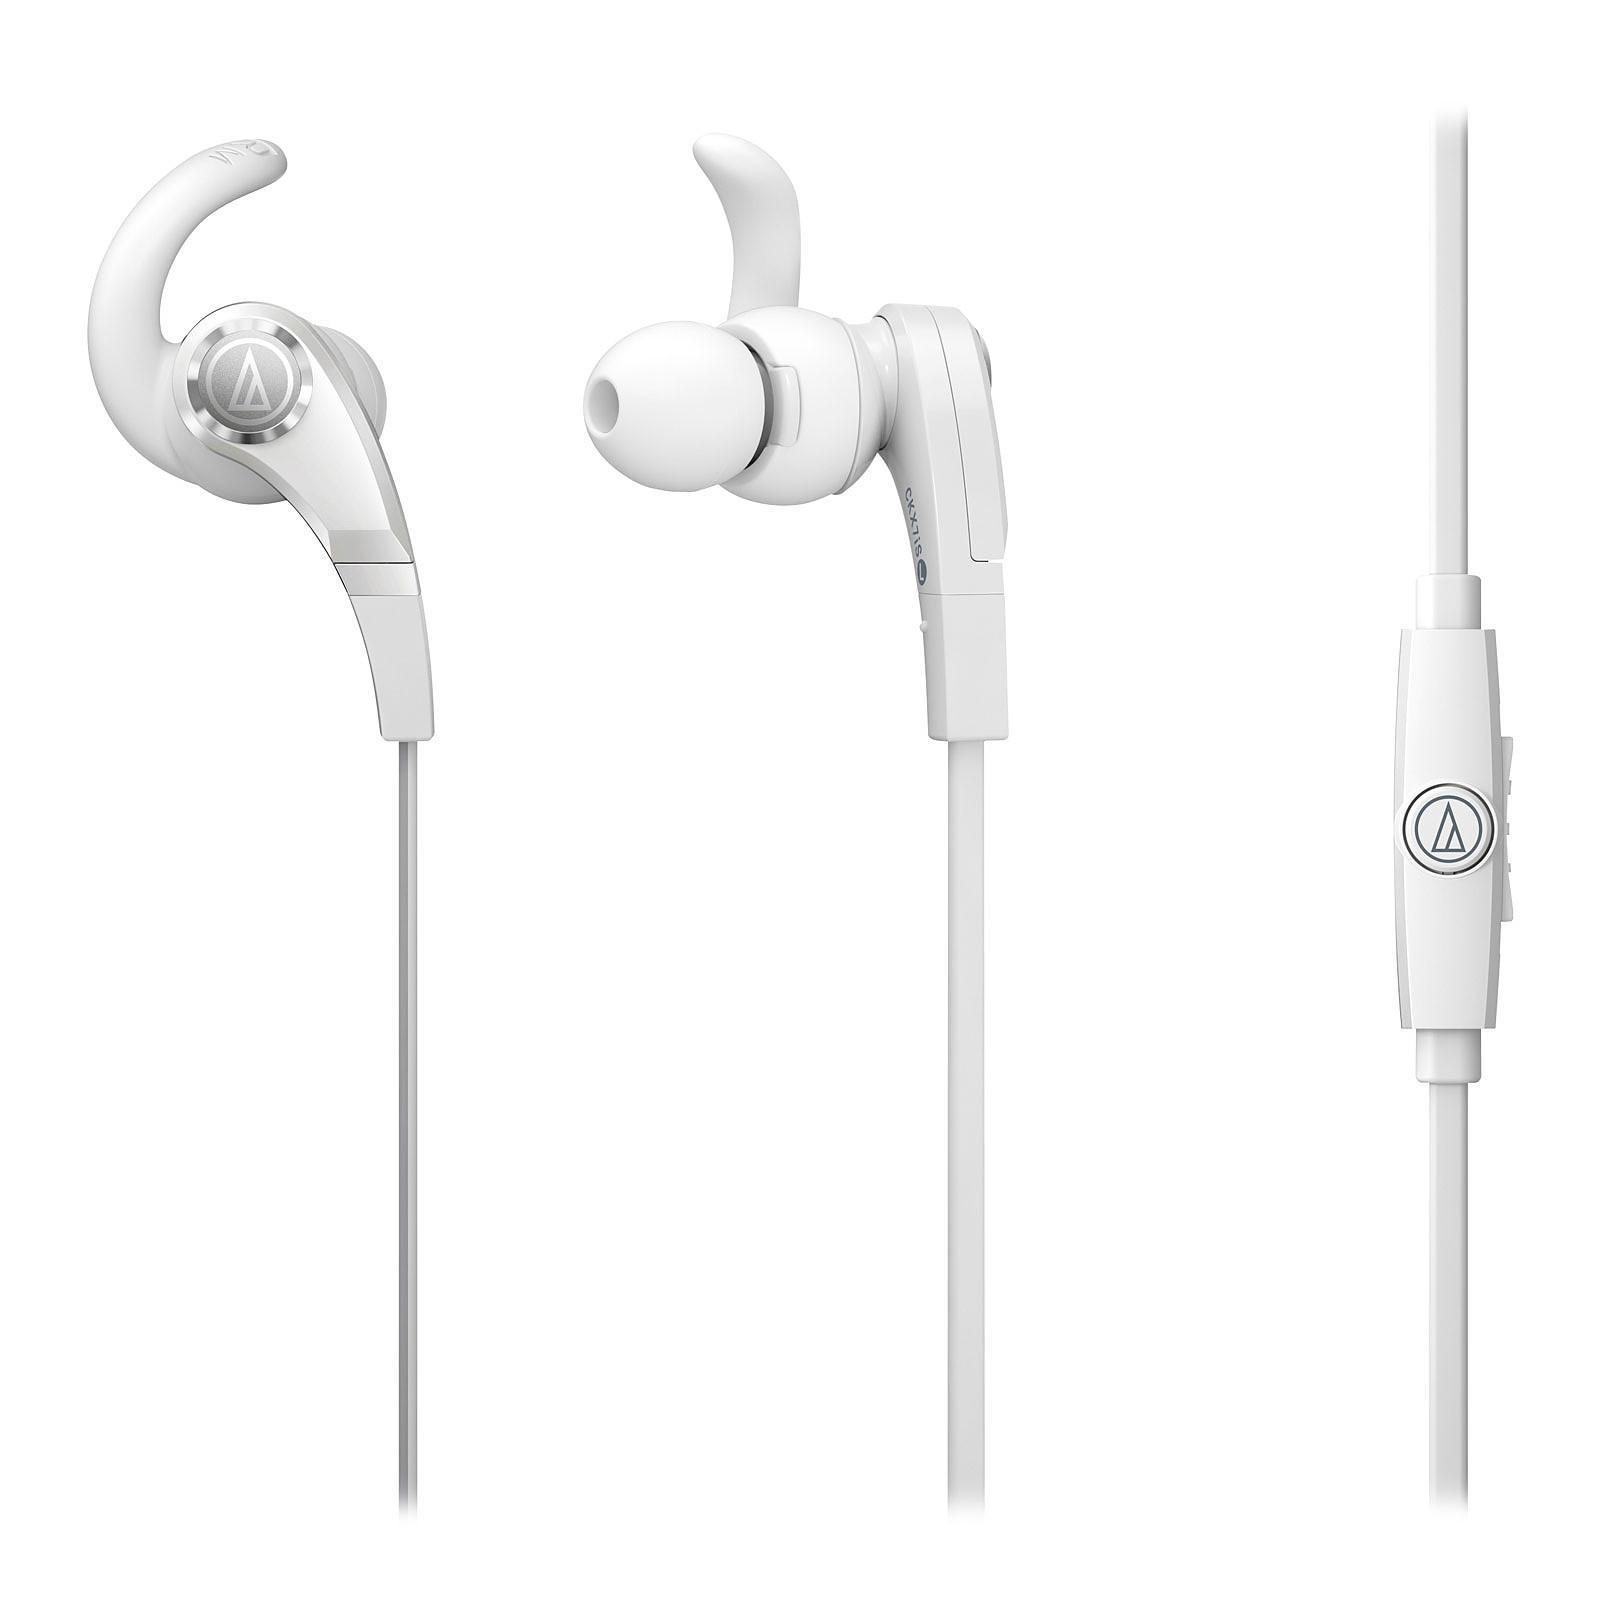 Audio-Technica ATH-CKX7IS blanco